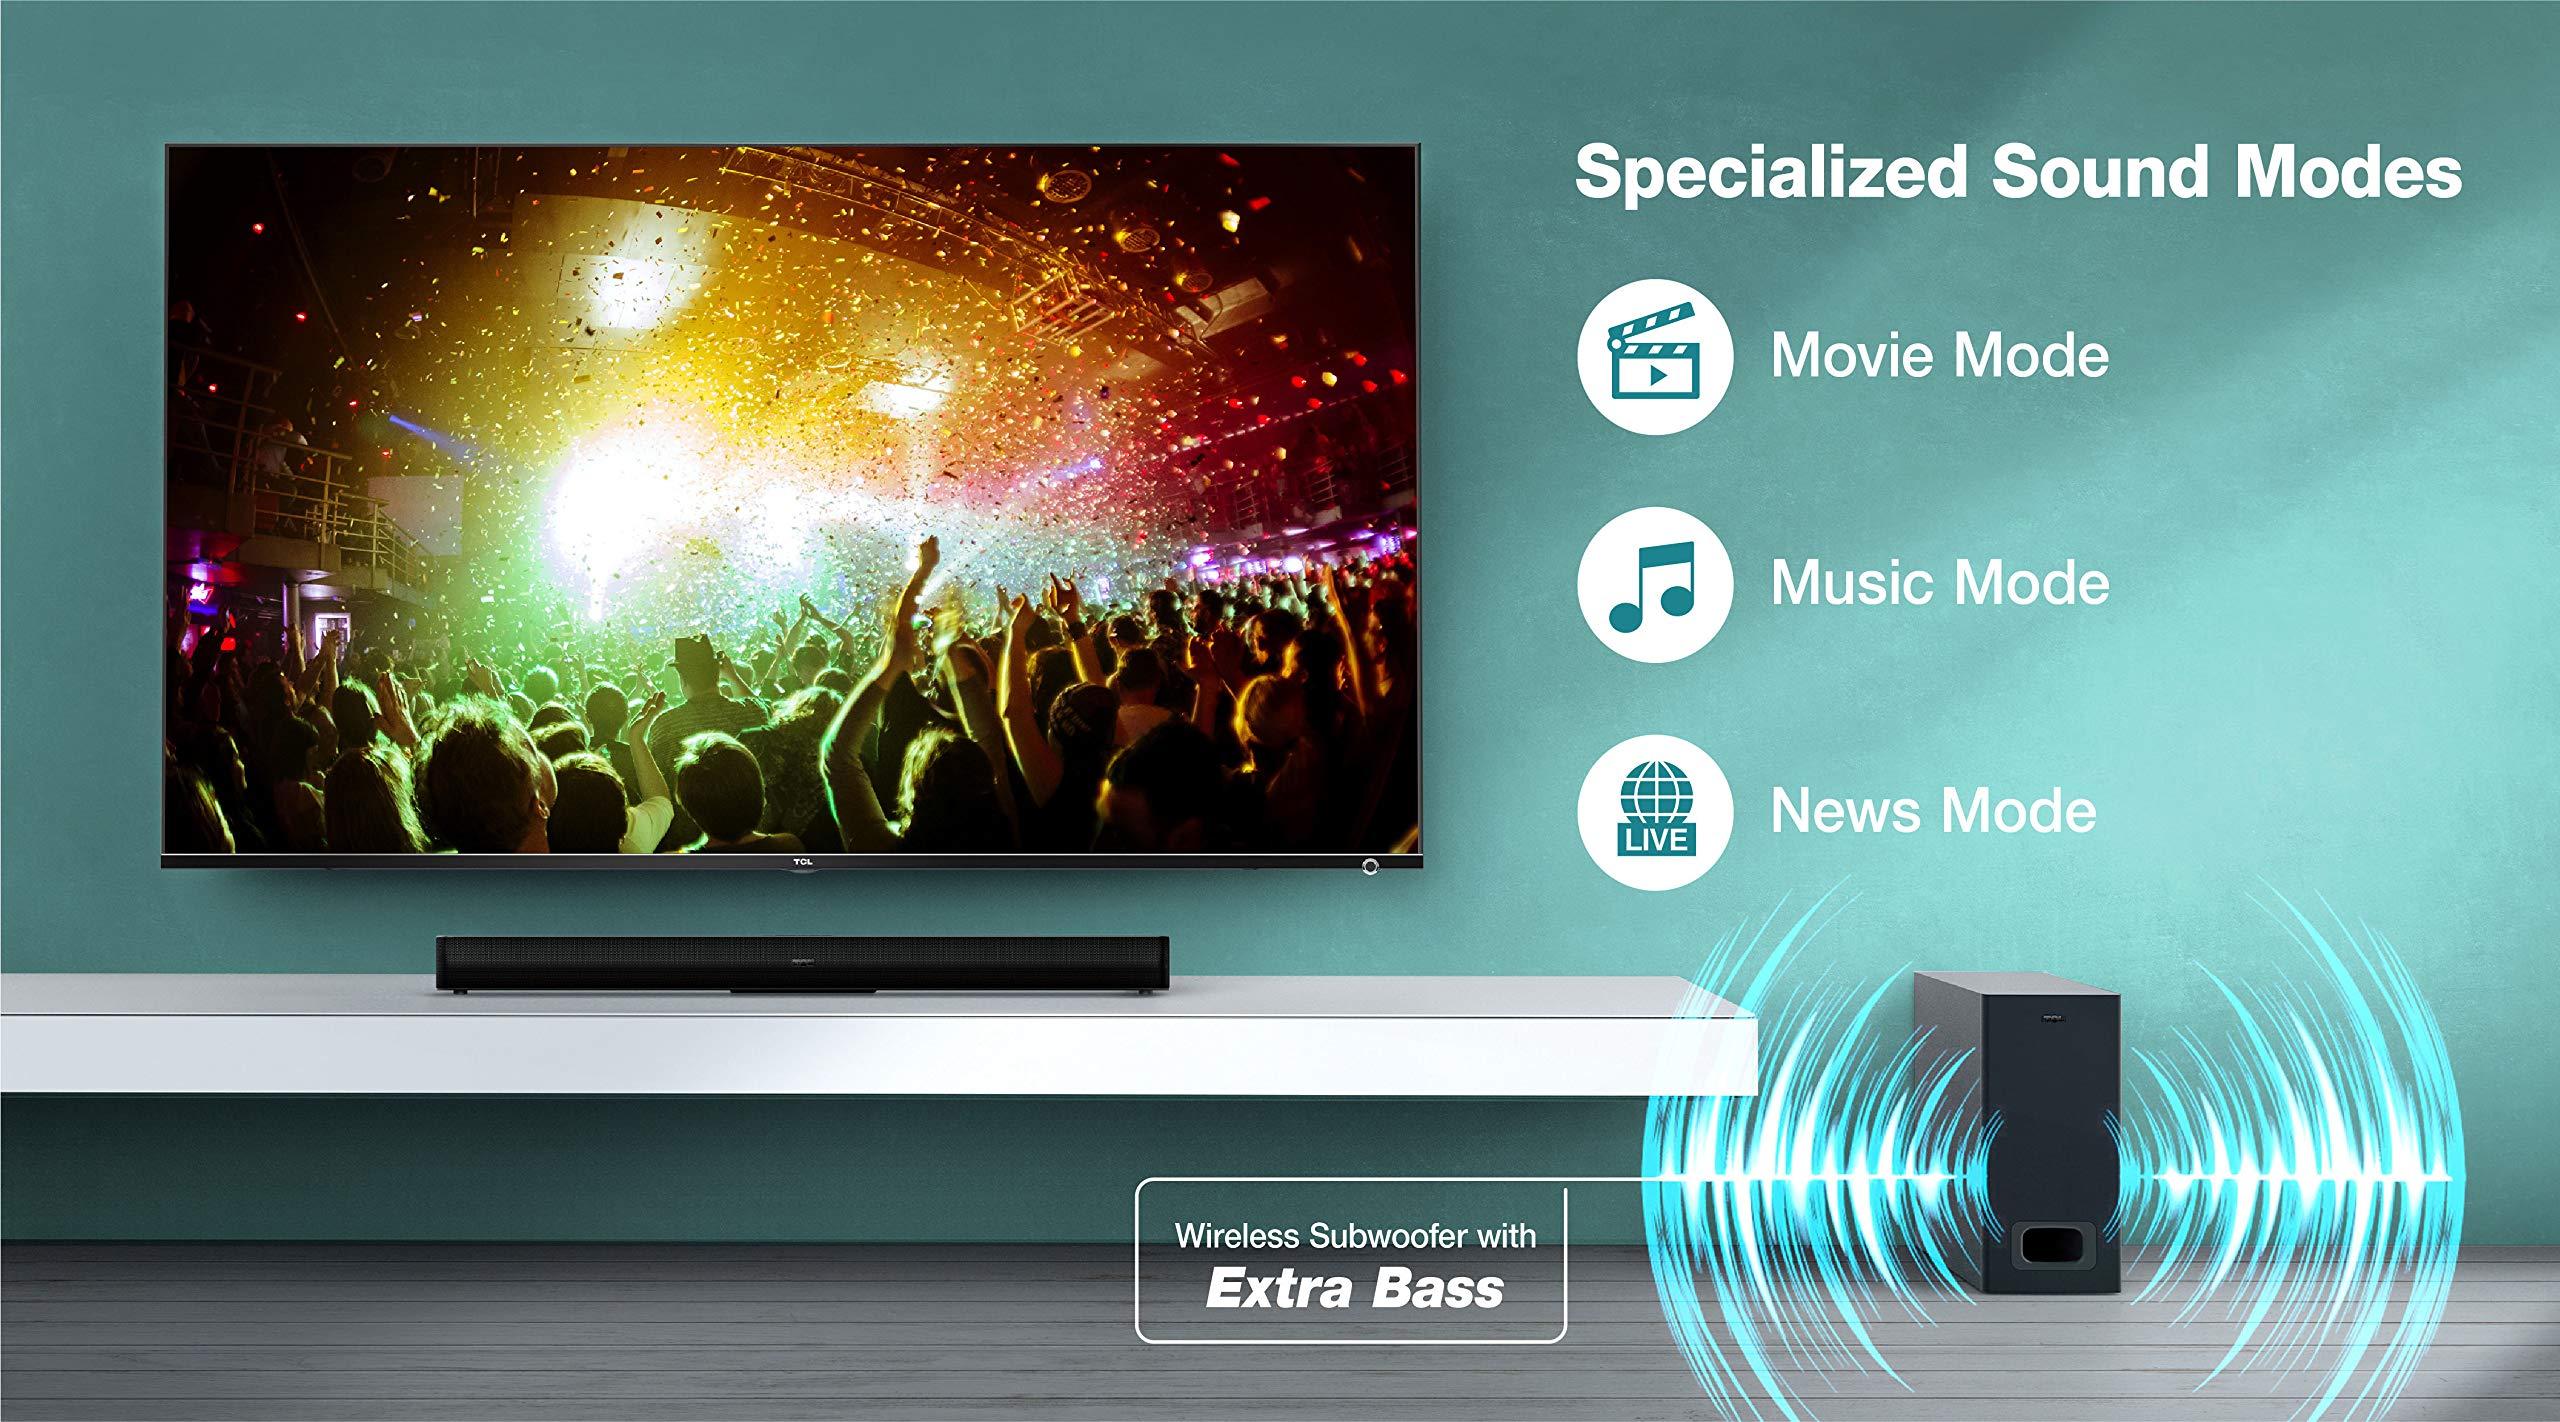 Barra de Sonido TCL TS5010 (80 cm) para TV con subwoofer (Bluetooth, Canal de Sonido 2.1, 120 vatios, Dolby Digital, Entrada AUX de 3,5 mm, Mando a Distancia), Color Negro: Amazon.es: Electrónica